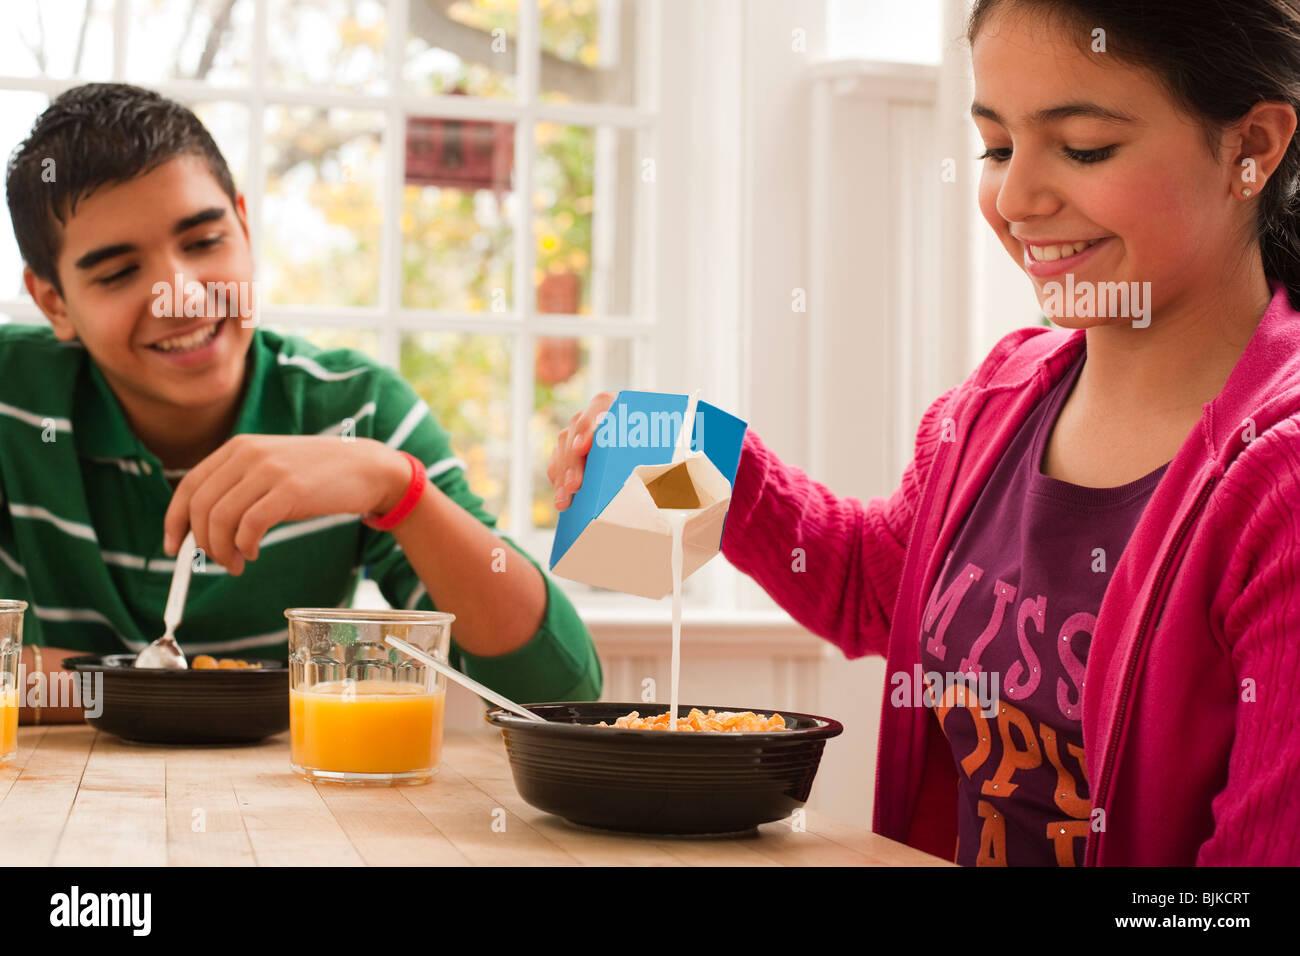 Jungen und Mädchen zu frühstücken Stockfoto